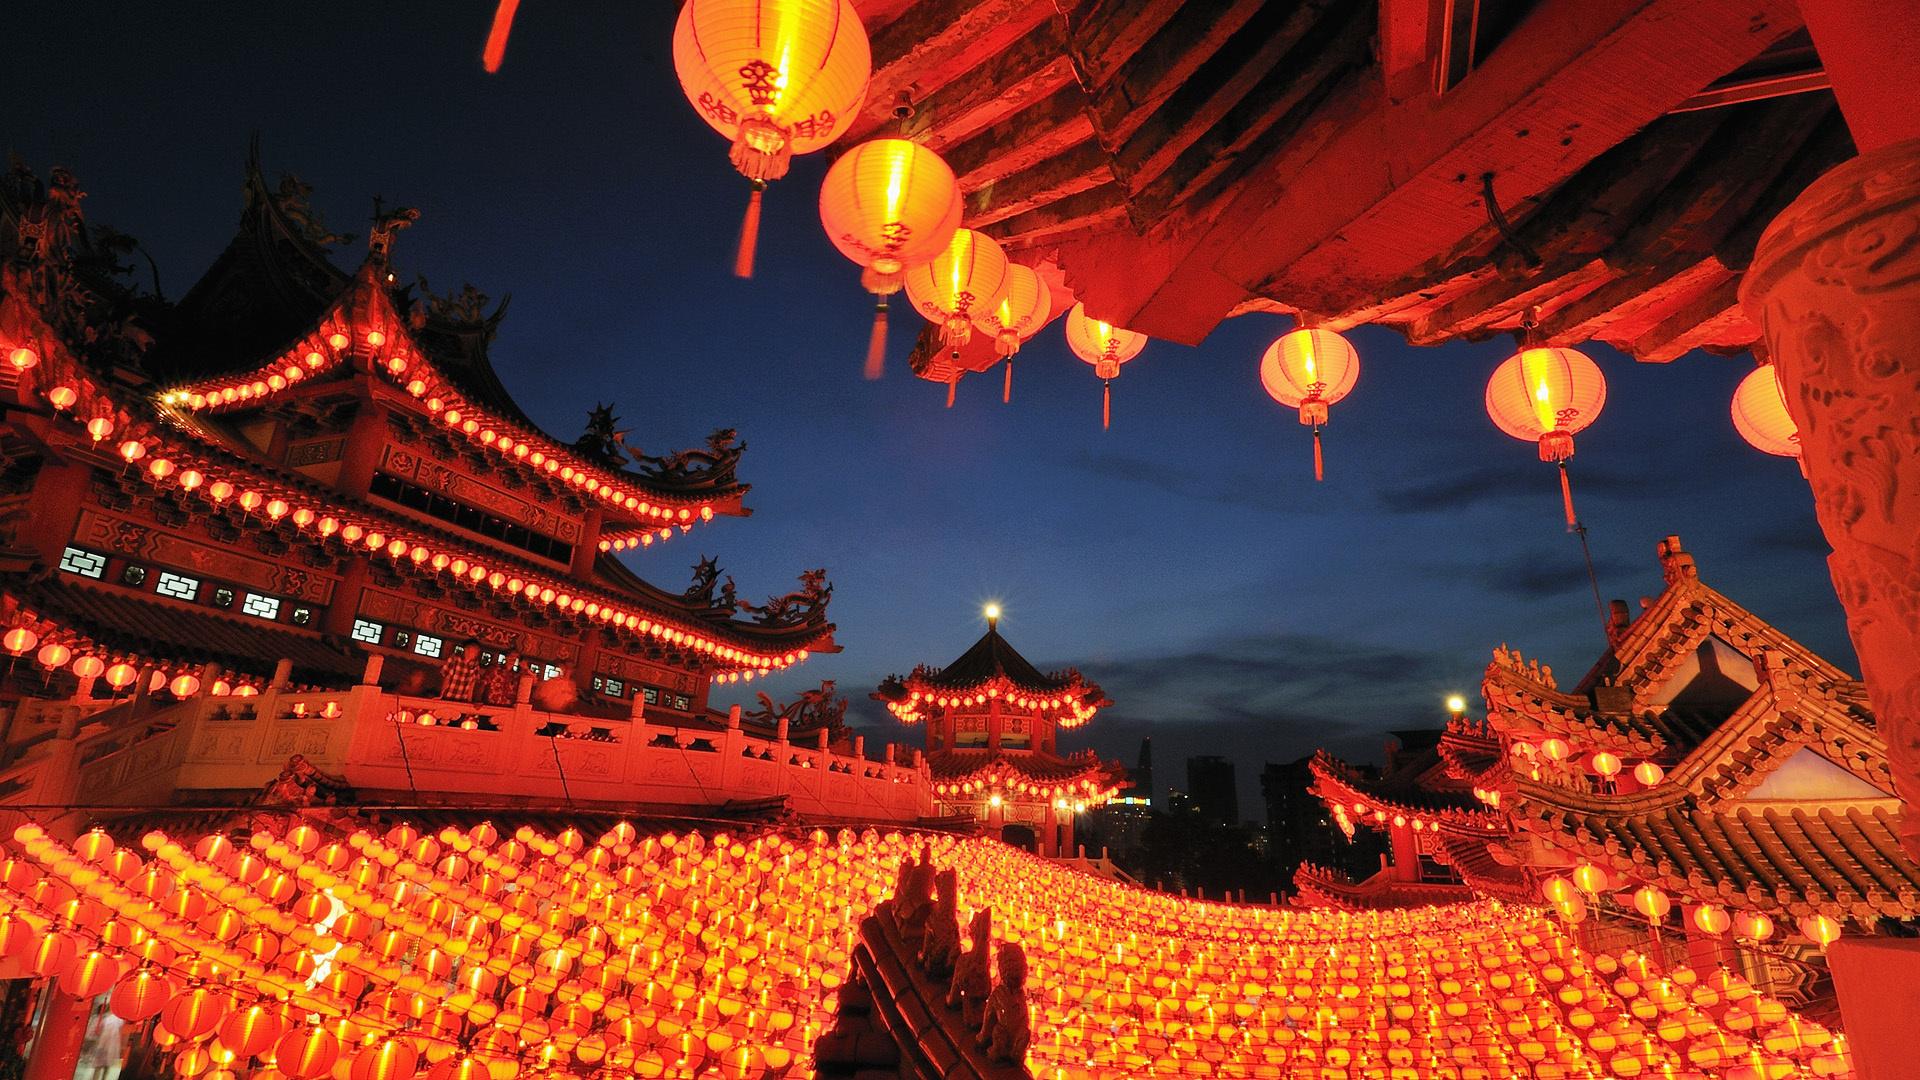 более-менее новый год в китае картинки красивые нас можете заказать